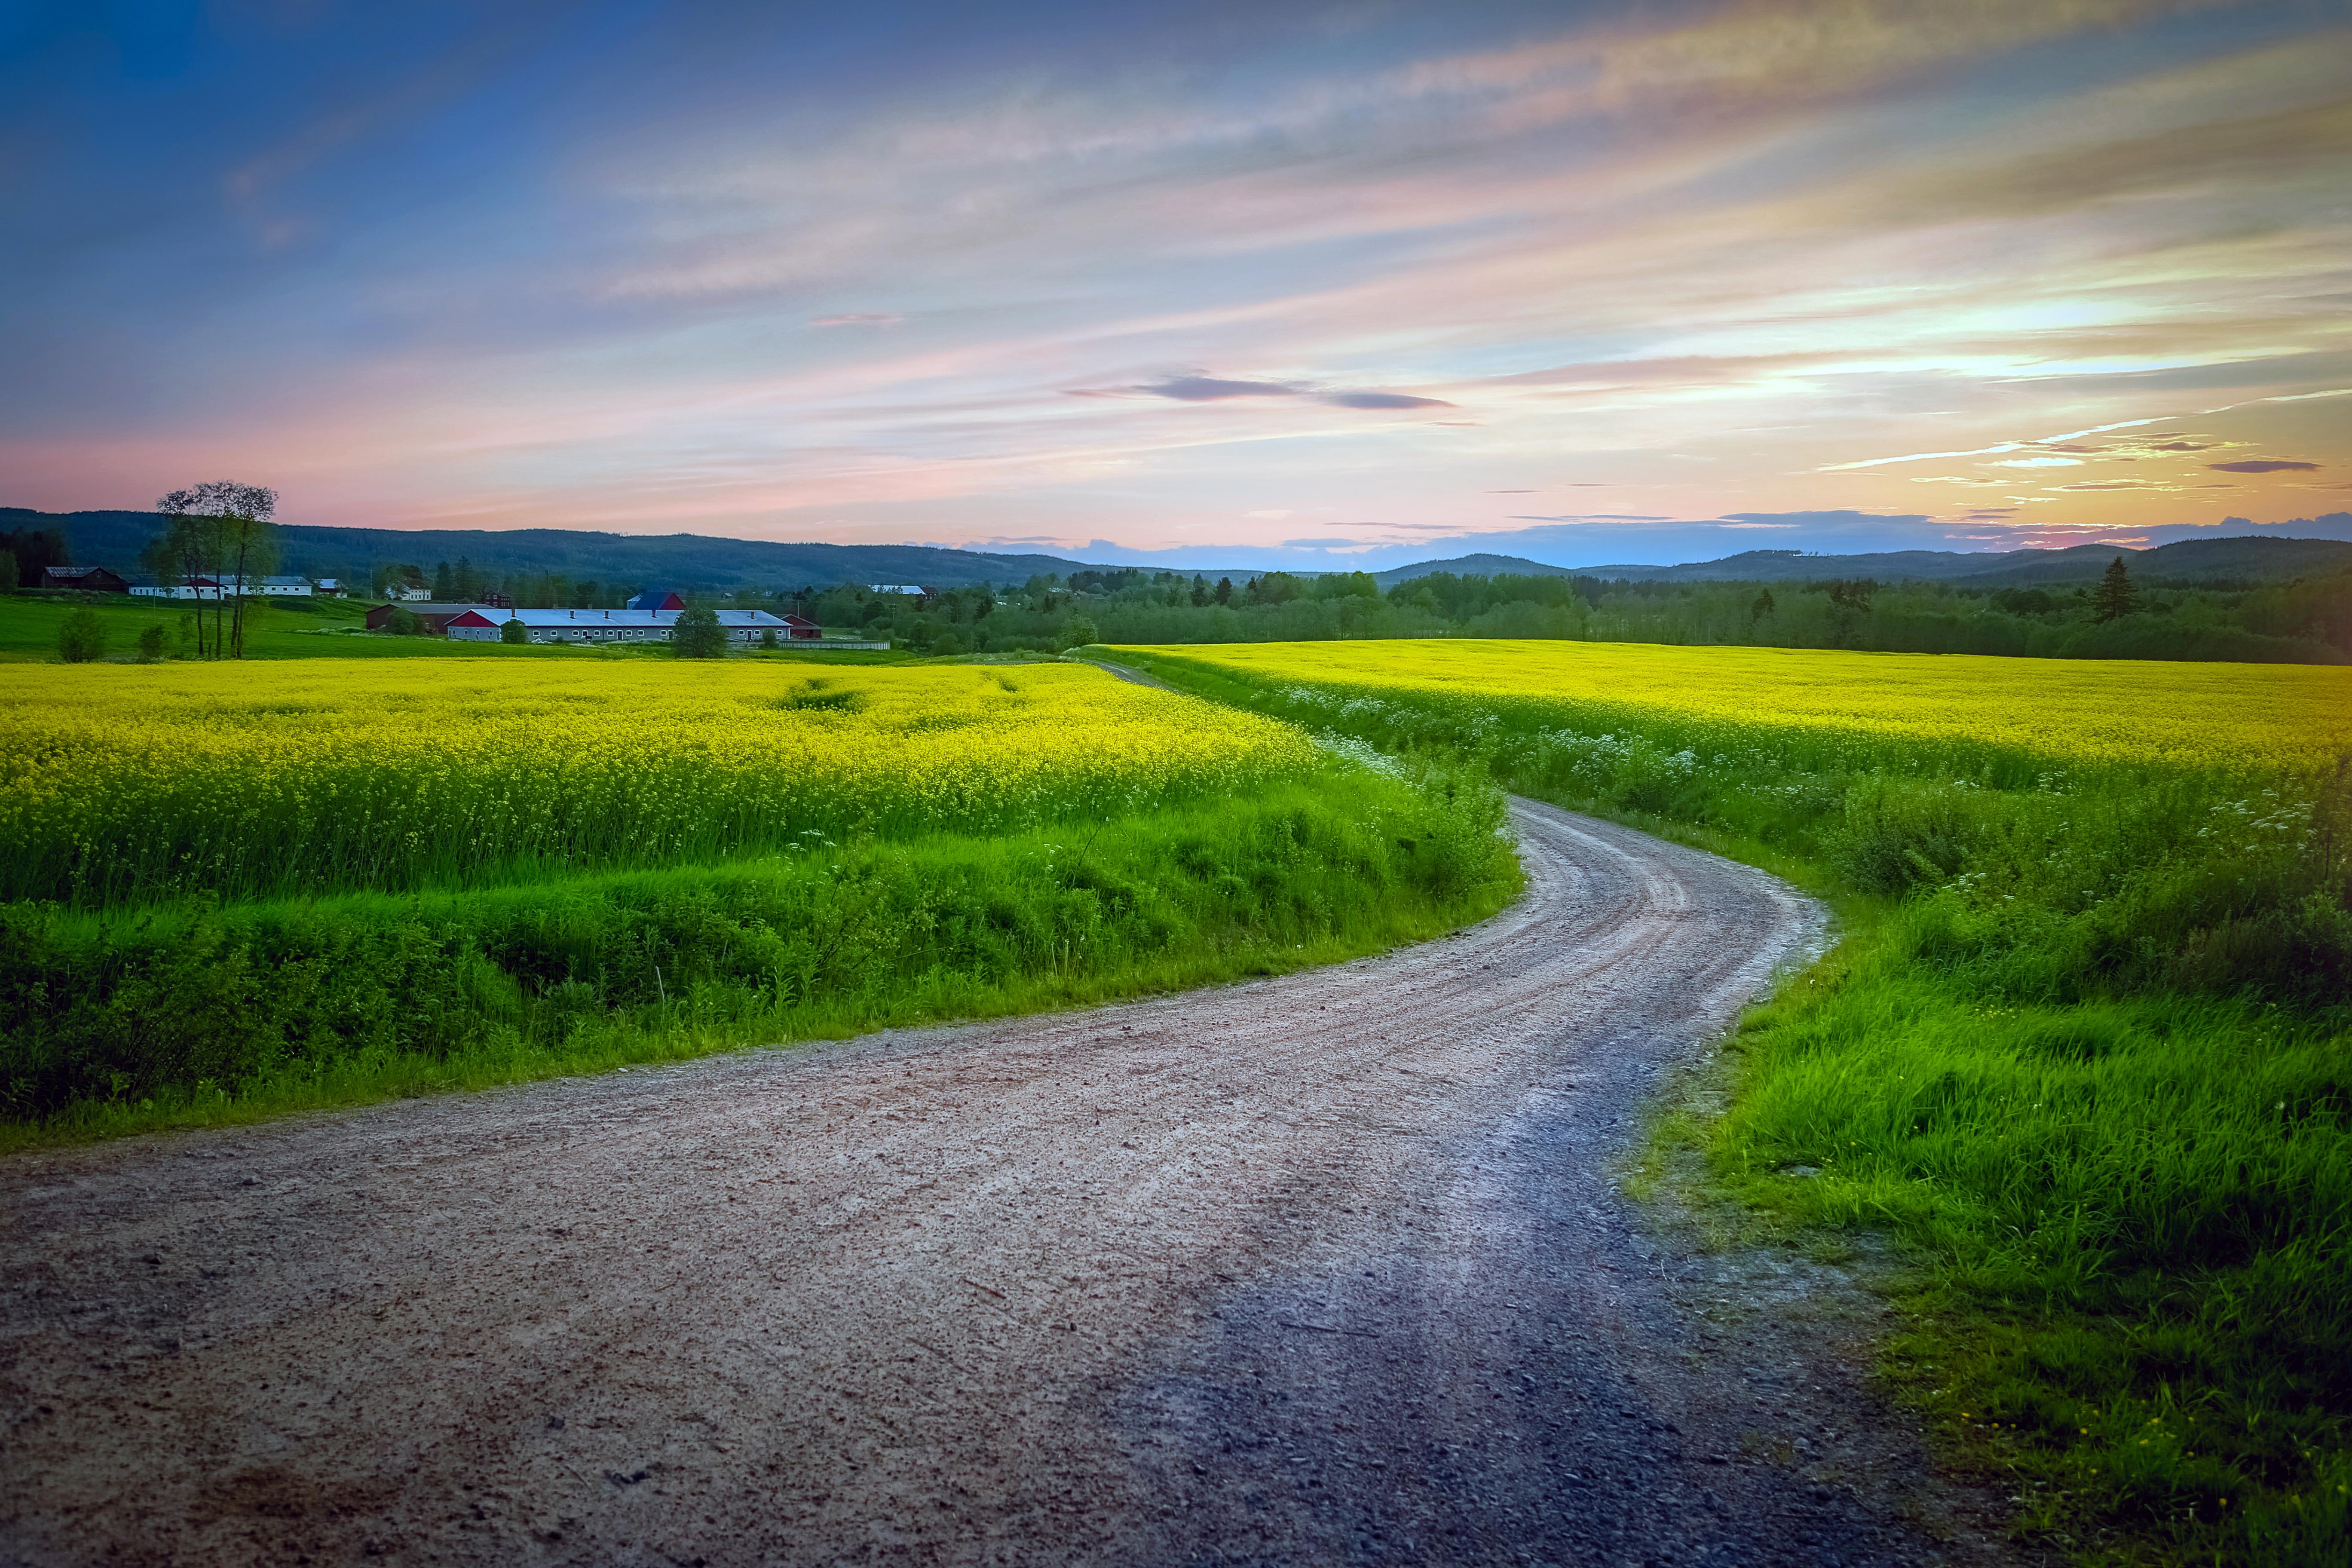 Дорога вдоль олеи меж полями бесплатно